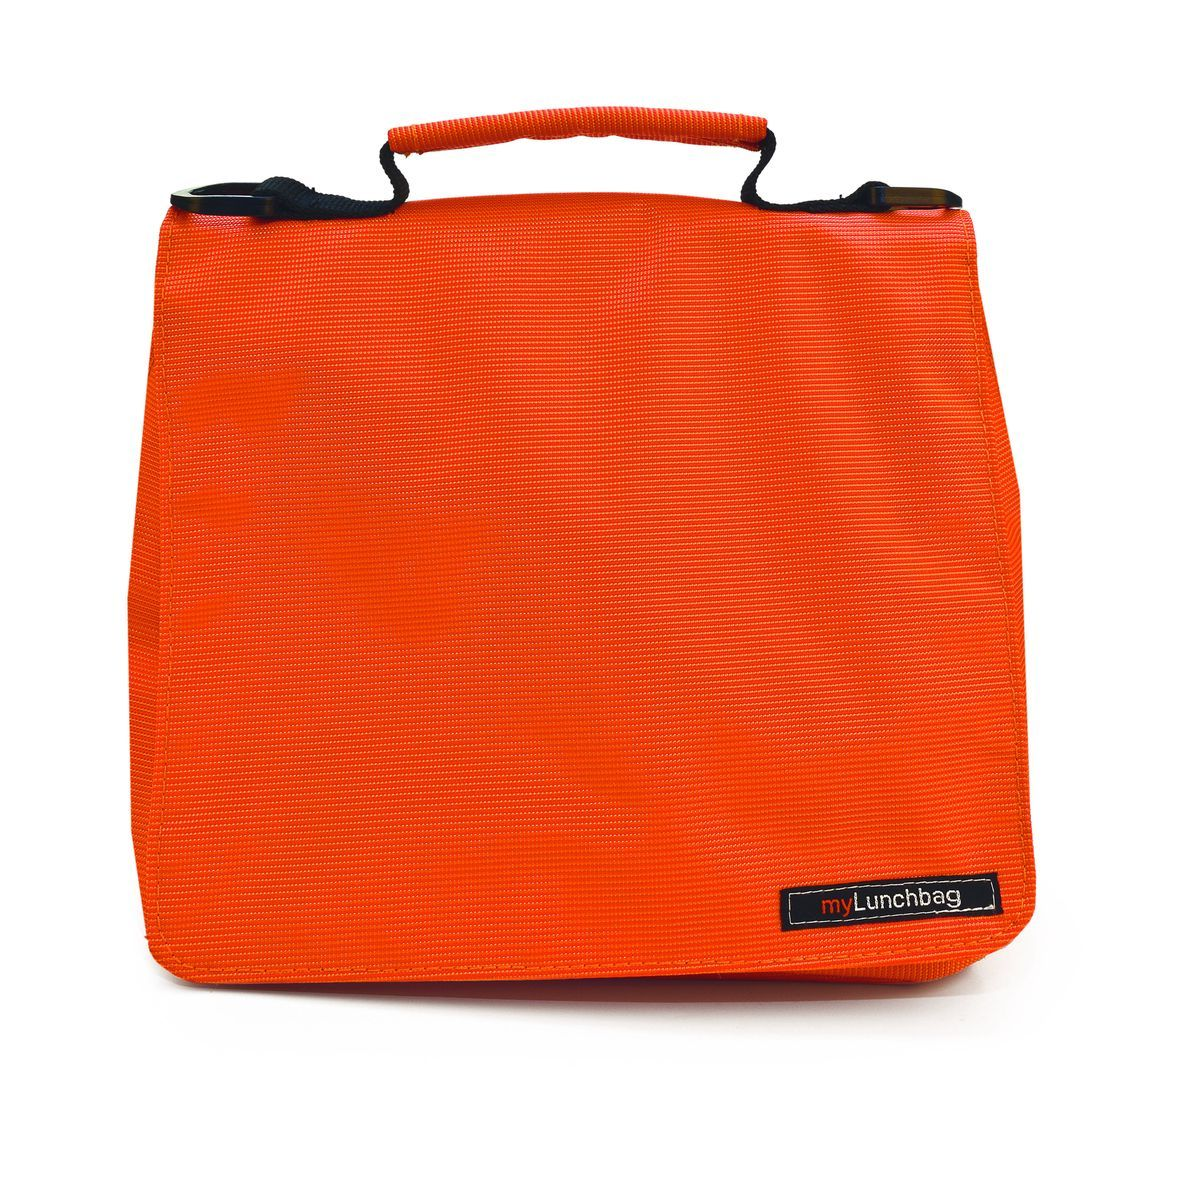 Термоланчбокс Iris SMART MyLunchbag, цвет: оранжевыйI9325-TXТермоланчбокс Iris SMART MyLunchbag отлично сохраняет свежесть и вкус продукта на несколько часов. Пригодится везде: на прогулке, на работе, учебе. С ним легко справится даже ребенок! Легко складывается до небольших размеров. Присутствует удобный кармашек для аксессуаров и регулируемый ремень для переноски (в одной руке или на плече).Рекомендуется регулярно стирать вручную в теплой воде с мылом.Сделан из полиэстера.